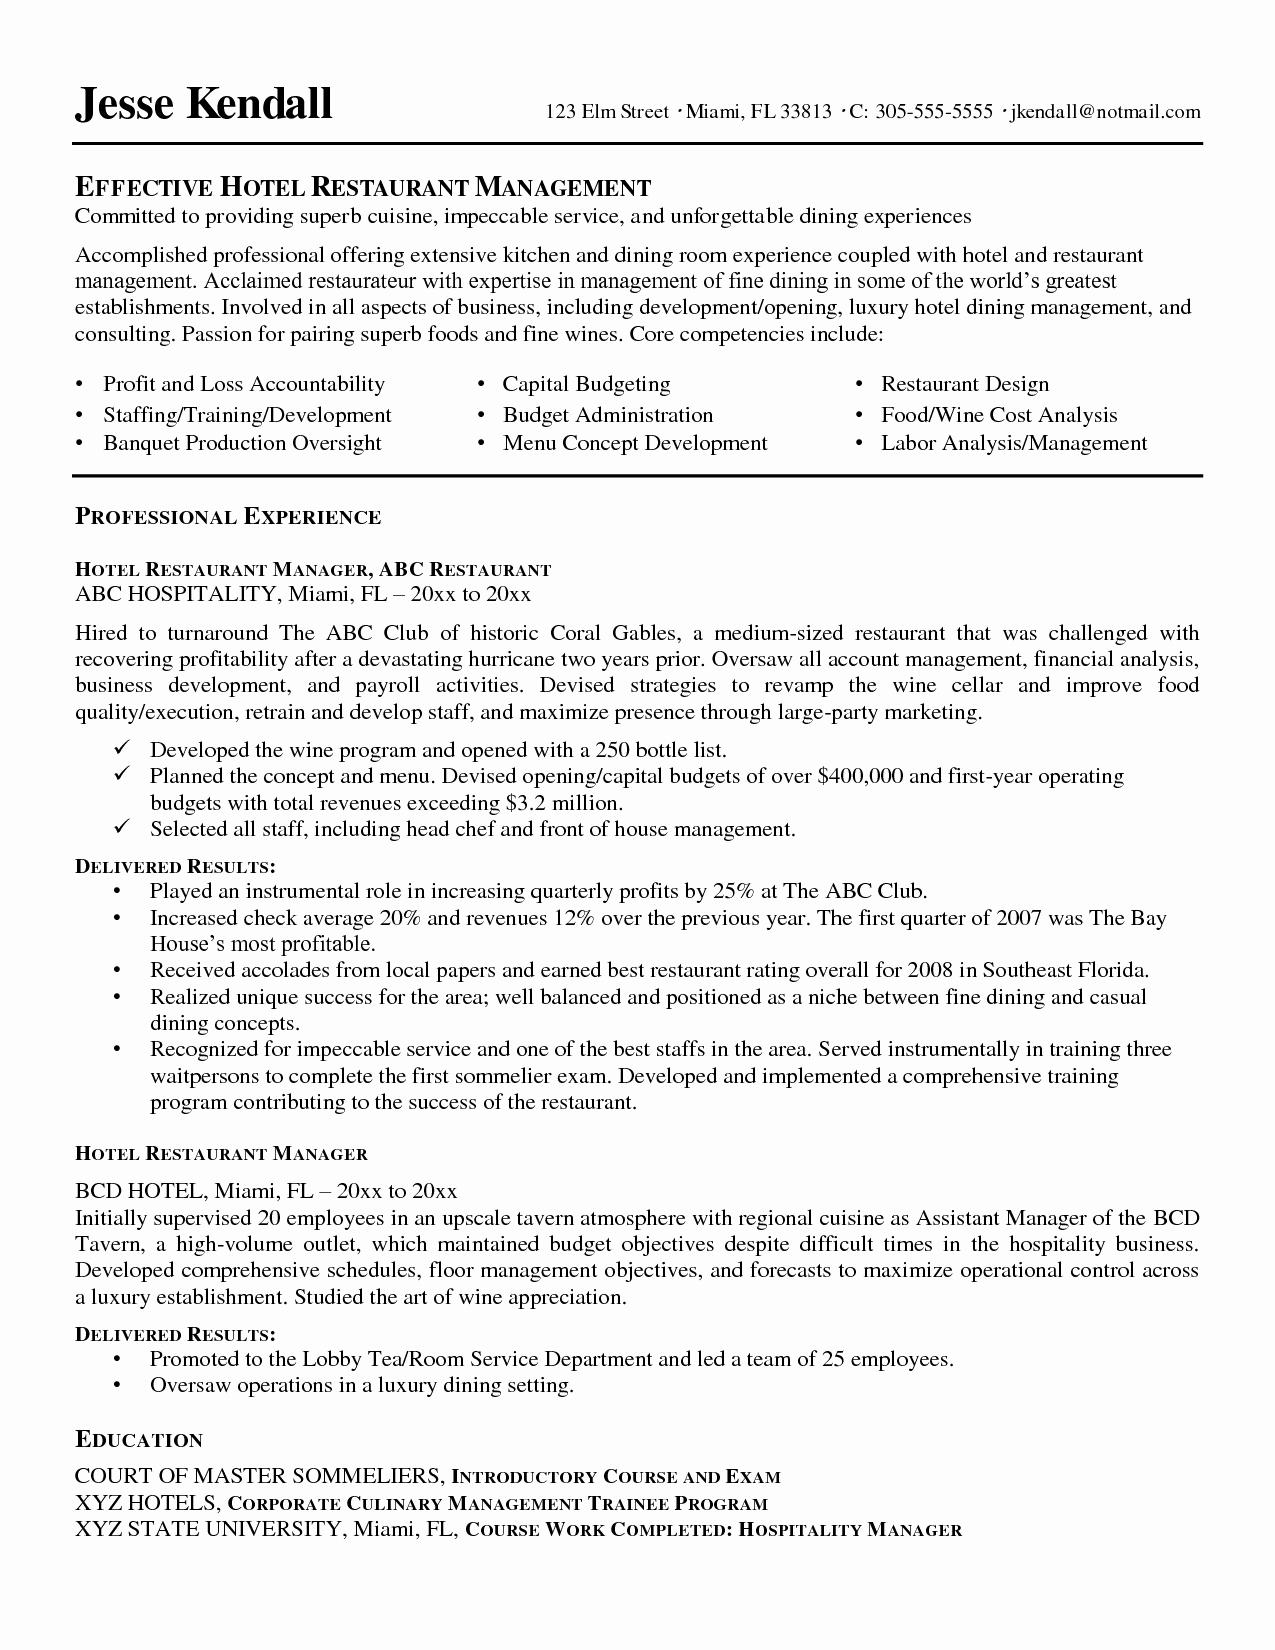 Resume for Restaurant Supervisor Resume Ideas